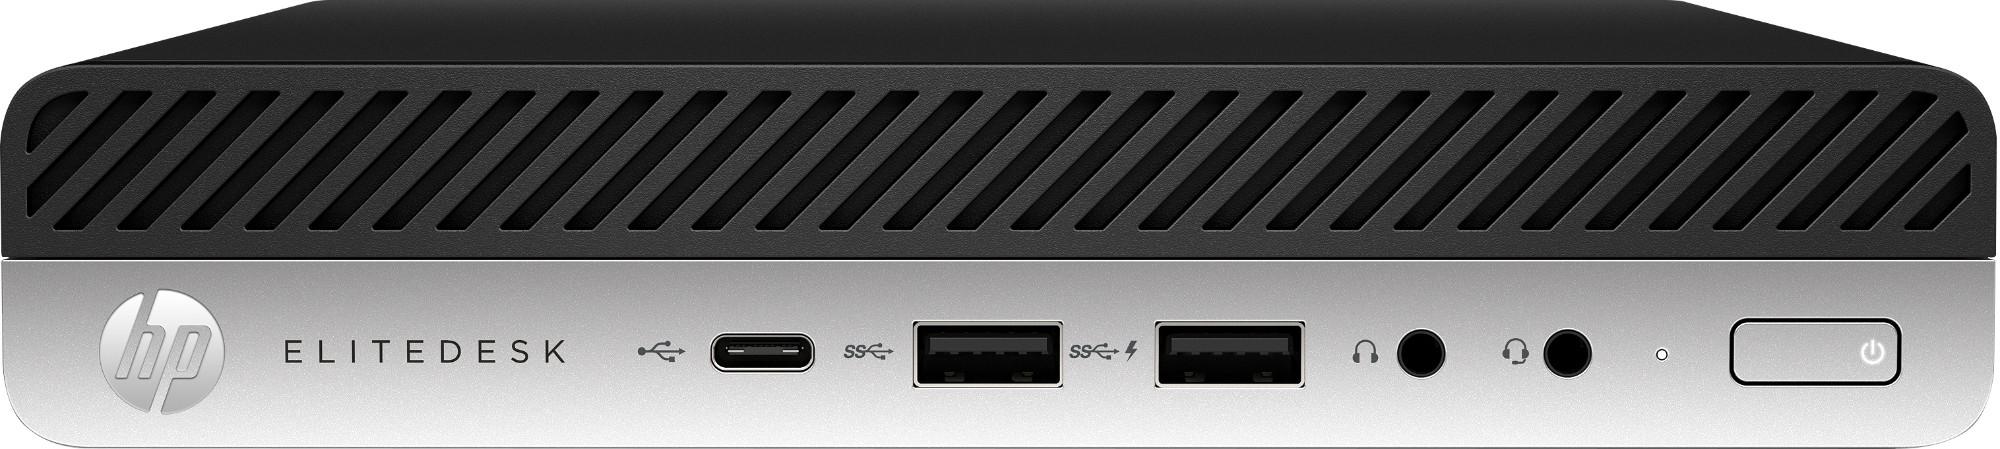 EliteDesk 705 G4 DM - R5 2400GE - 8GB RAM - 256GB SSD - Win10 Pro